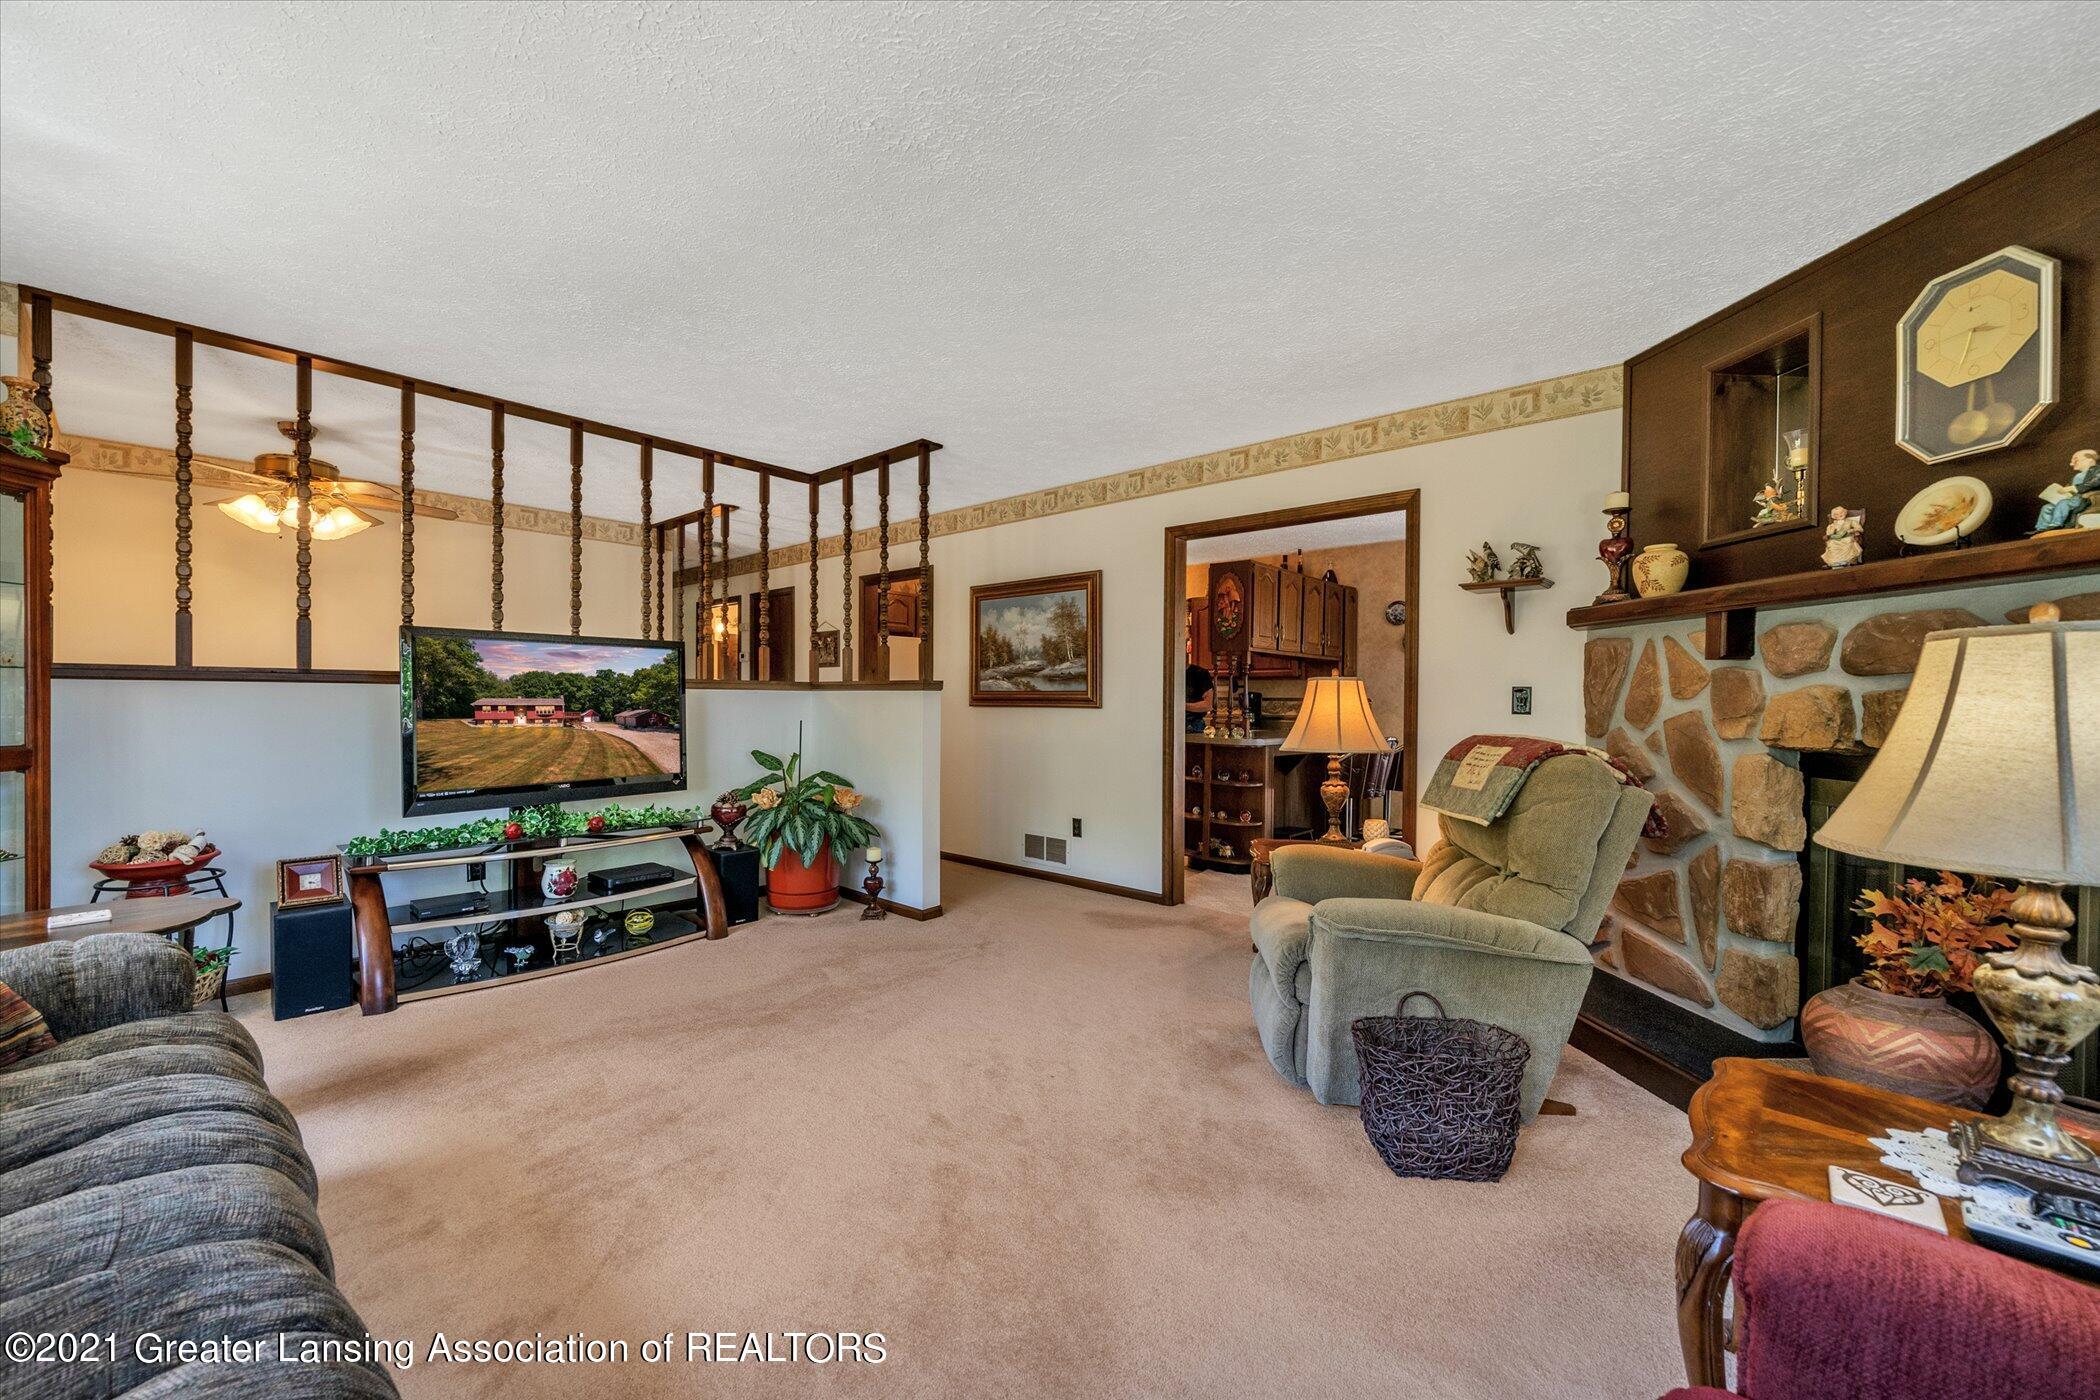 7851 S Cochran Rd - (11) MAIN FLOOR Living Room - 11